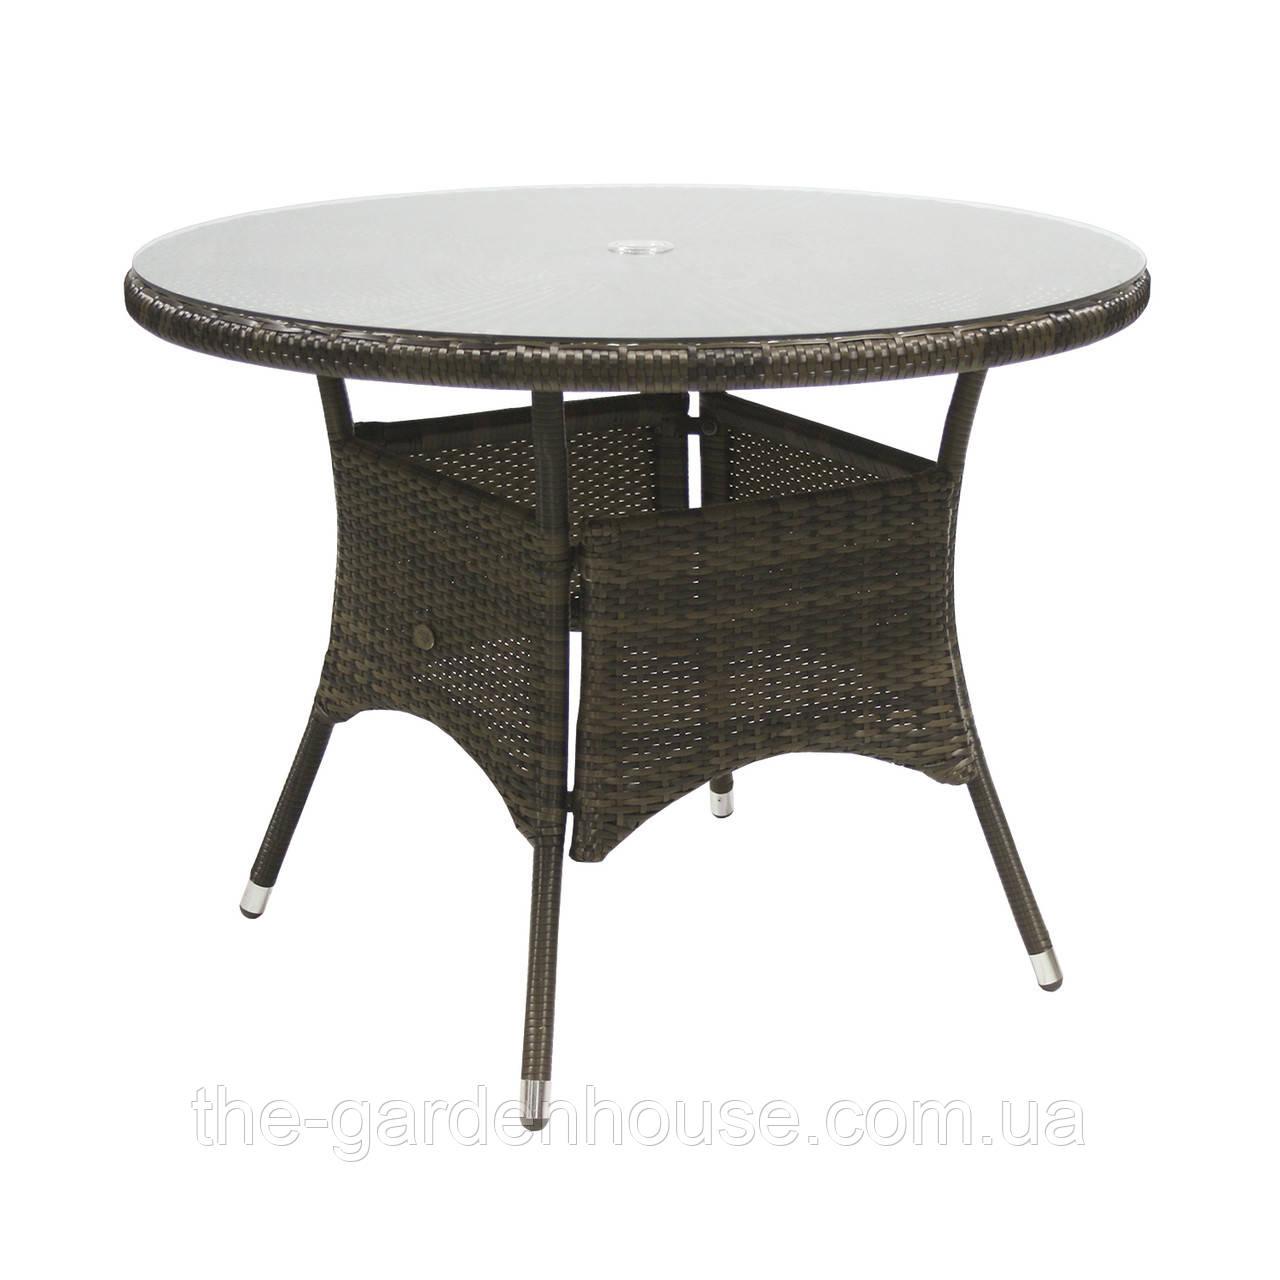 Обеденный стол Wicker из искусственного ротанга Ø 100 см темно-коричневый